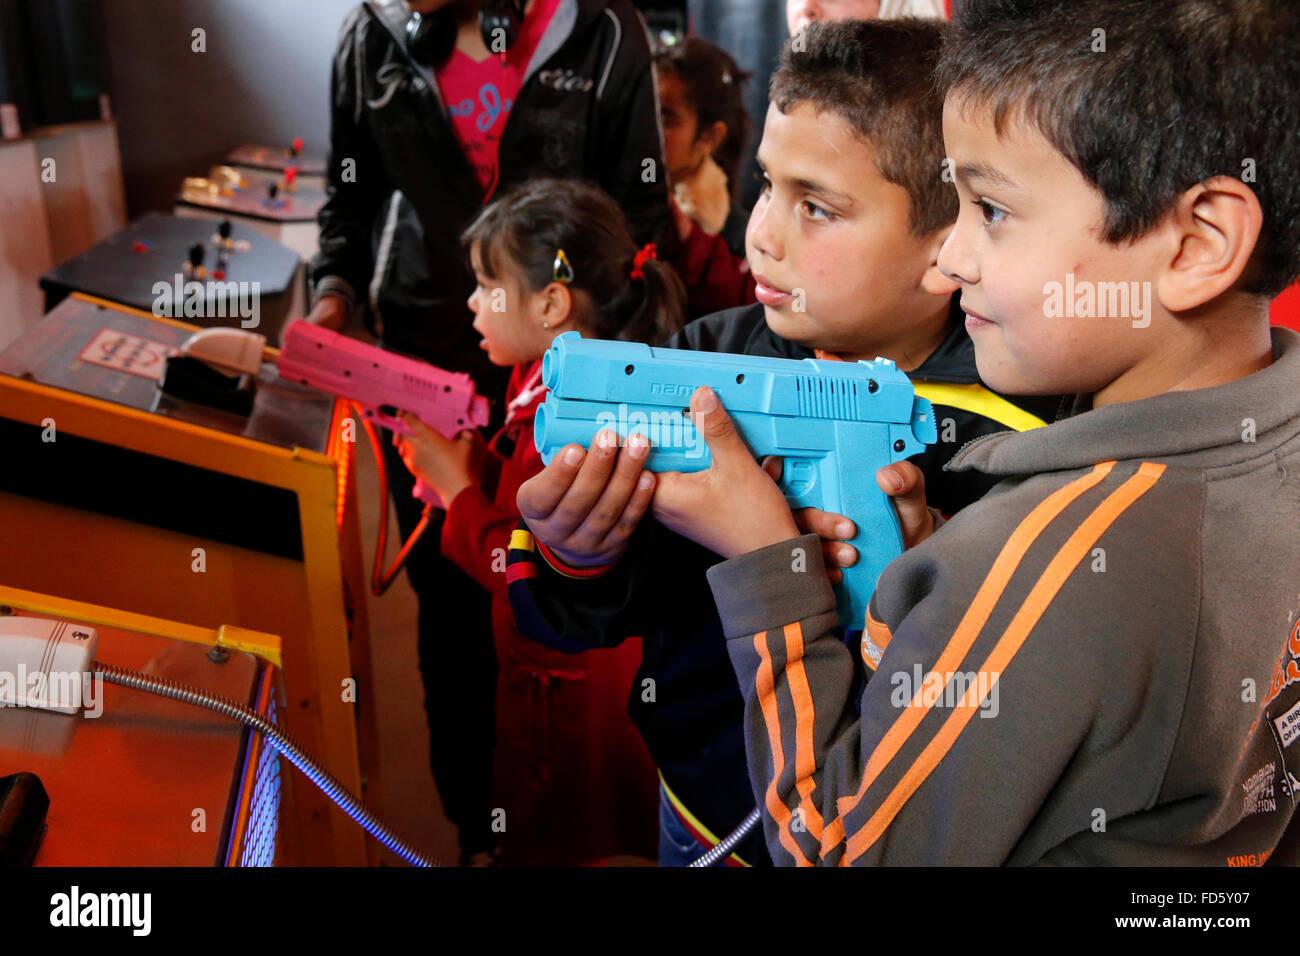 Salon de jeux vidéo. Photo Stock